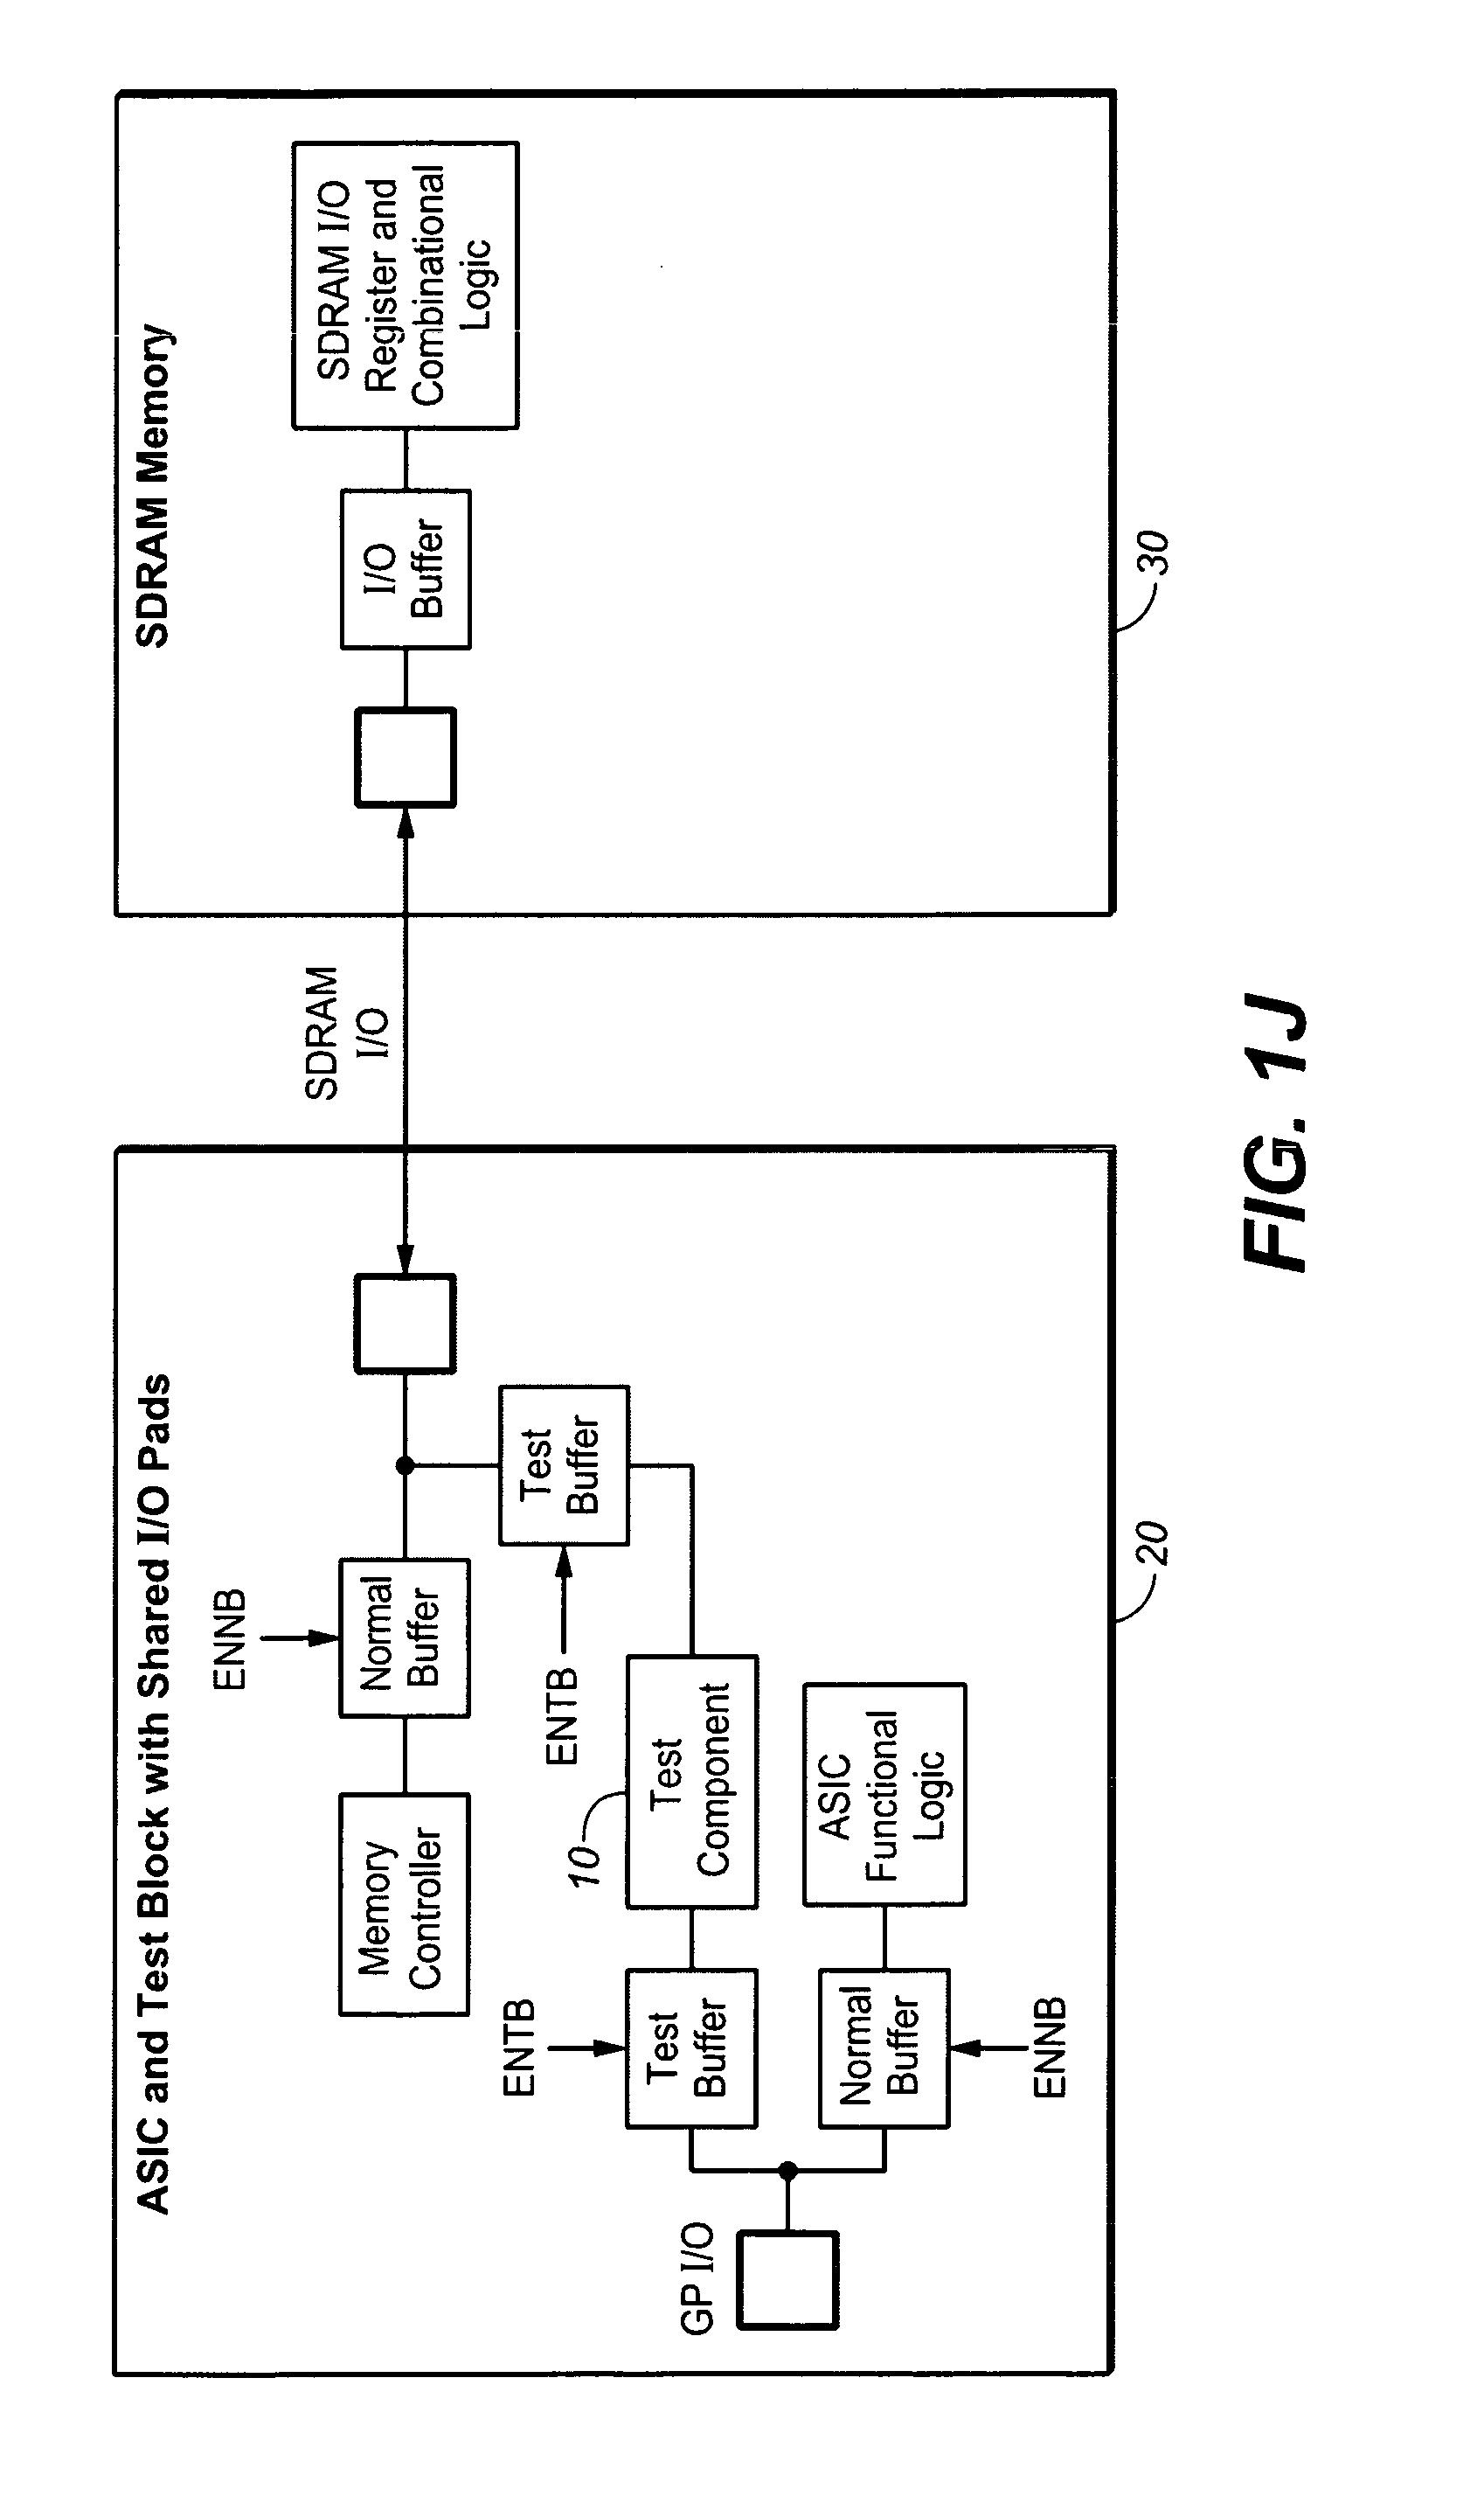 brevetto us7444575